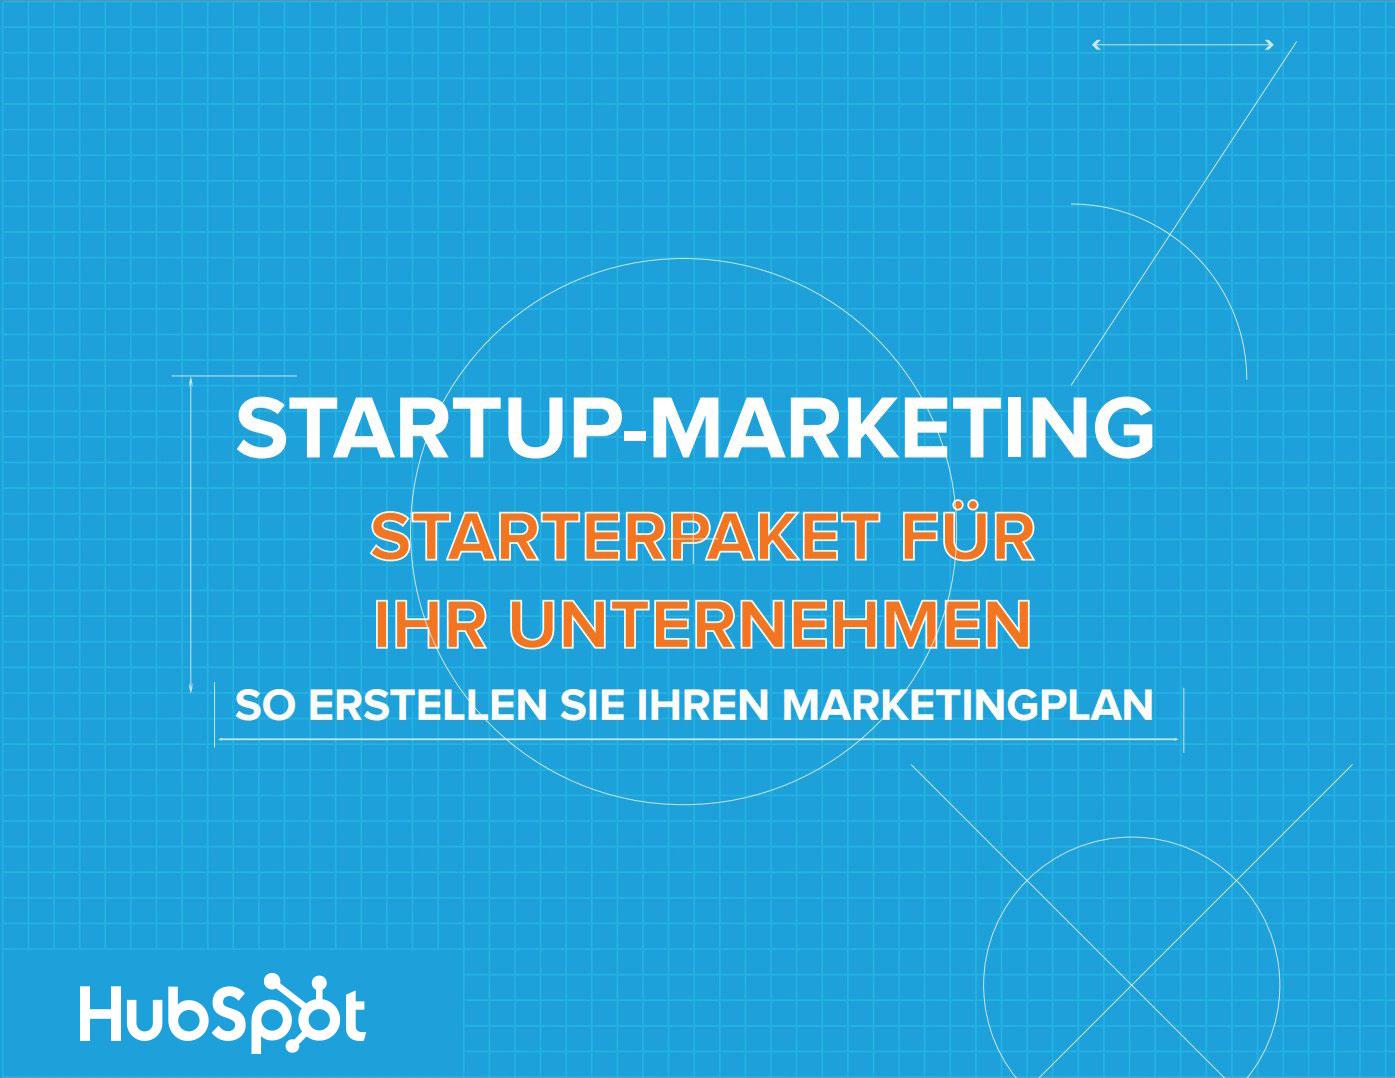 Marketing-Starterpaket für Startup-Unternehmen – Vorschaubild 1